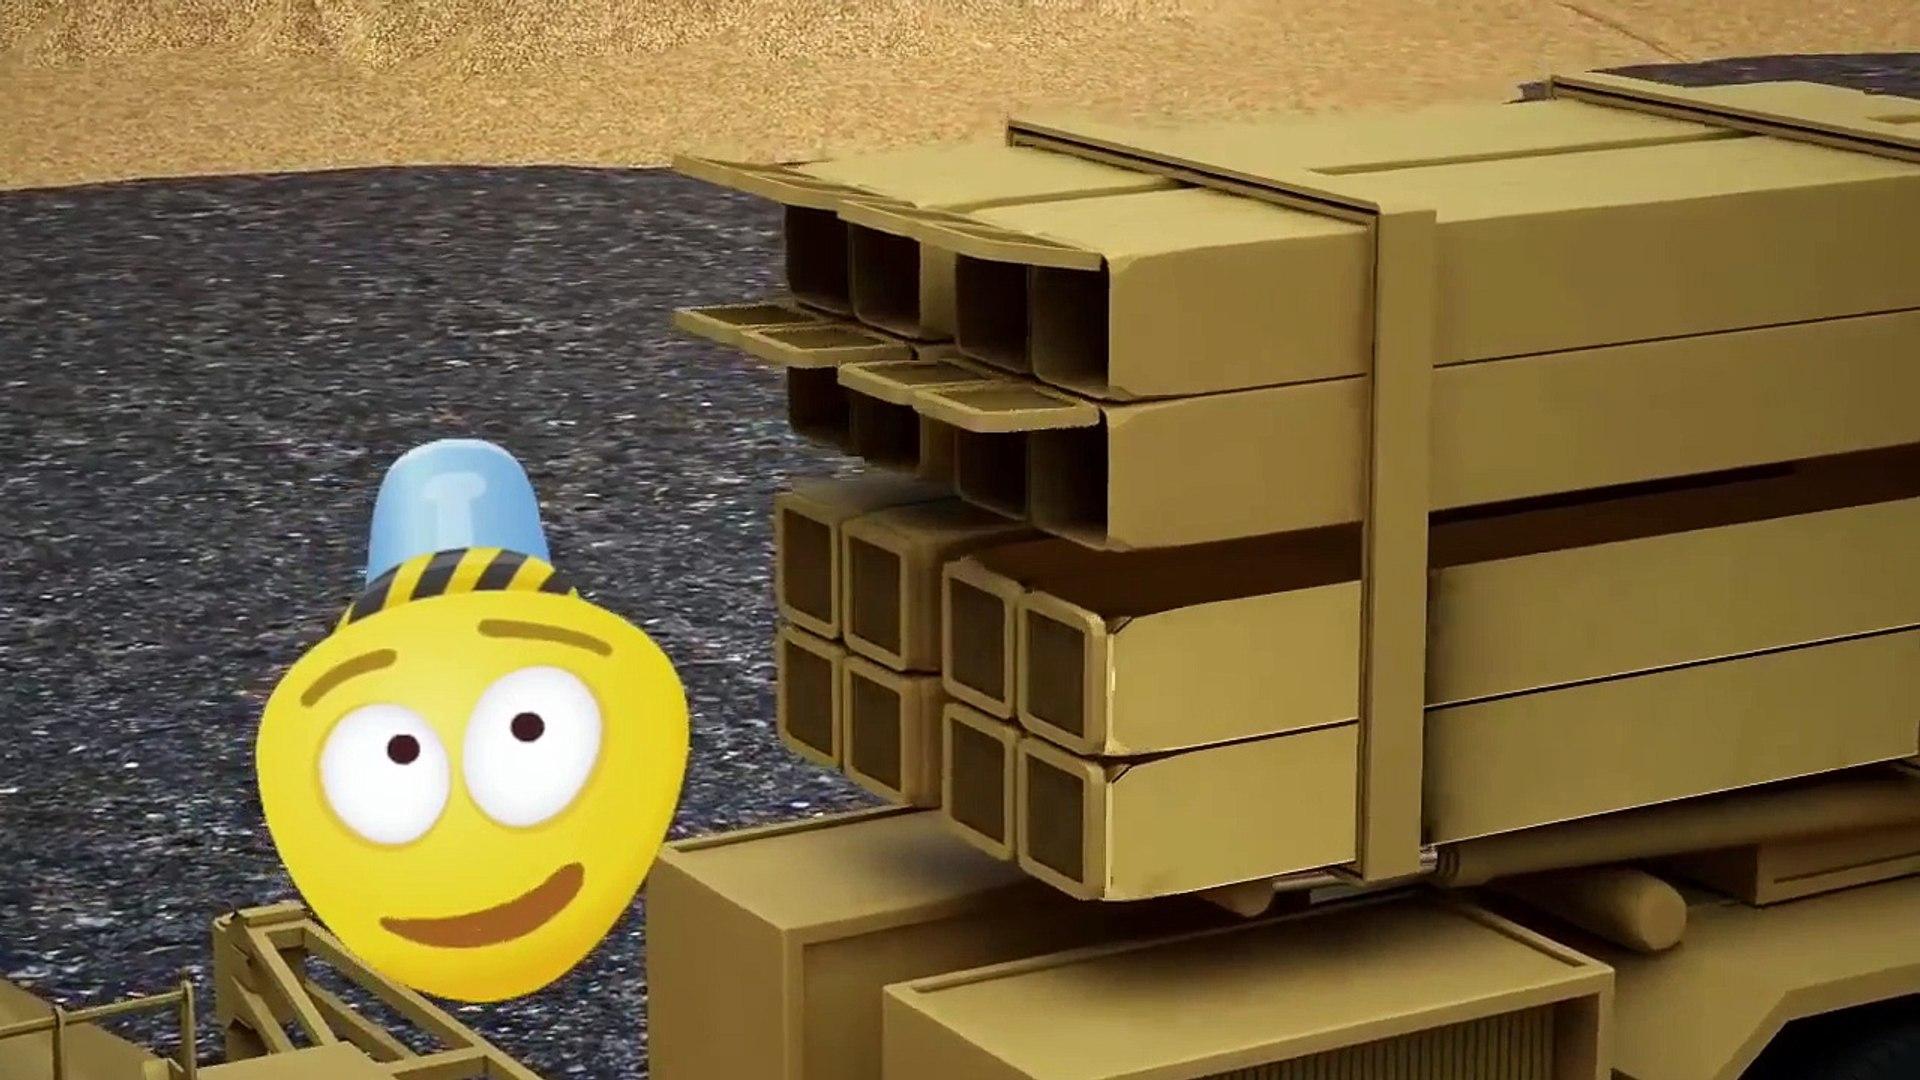 Kamyon çizgi film izle türkçe _ Mobil Roketatar _ Çocuklar İçin 3D Ordu Araçları _ Füze Başlatıcısı,